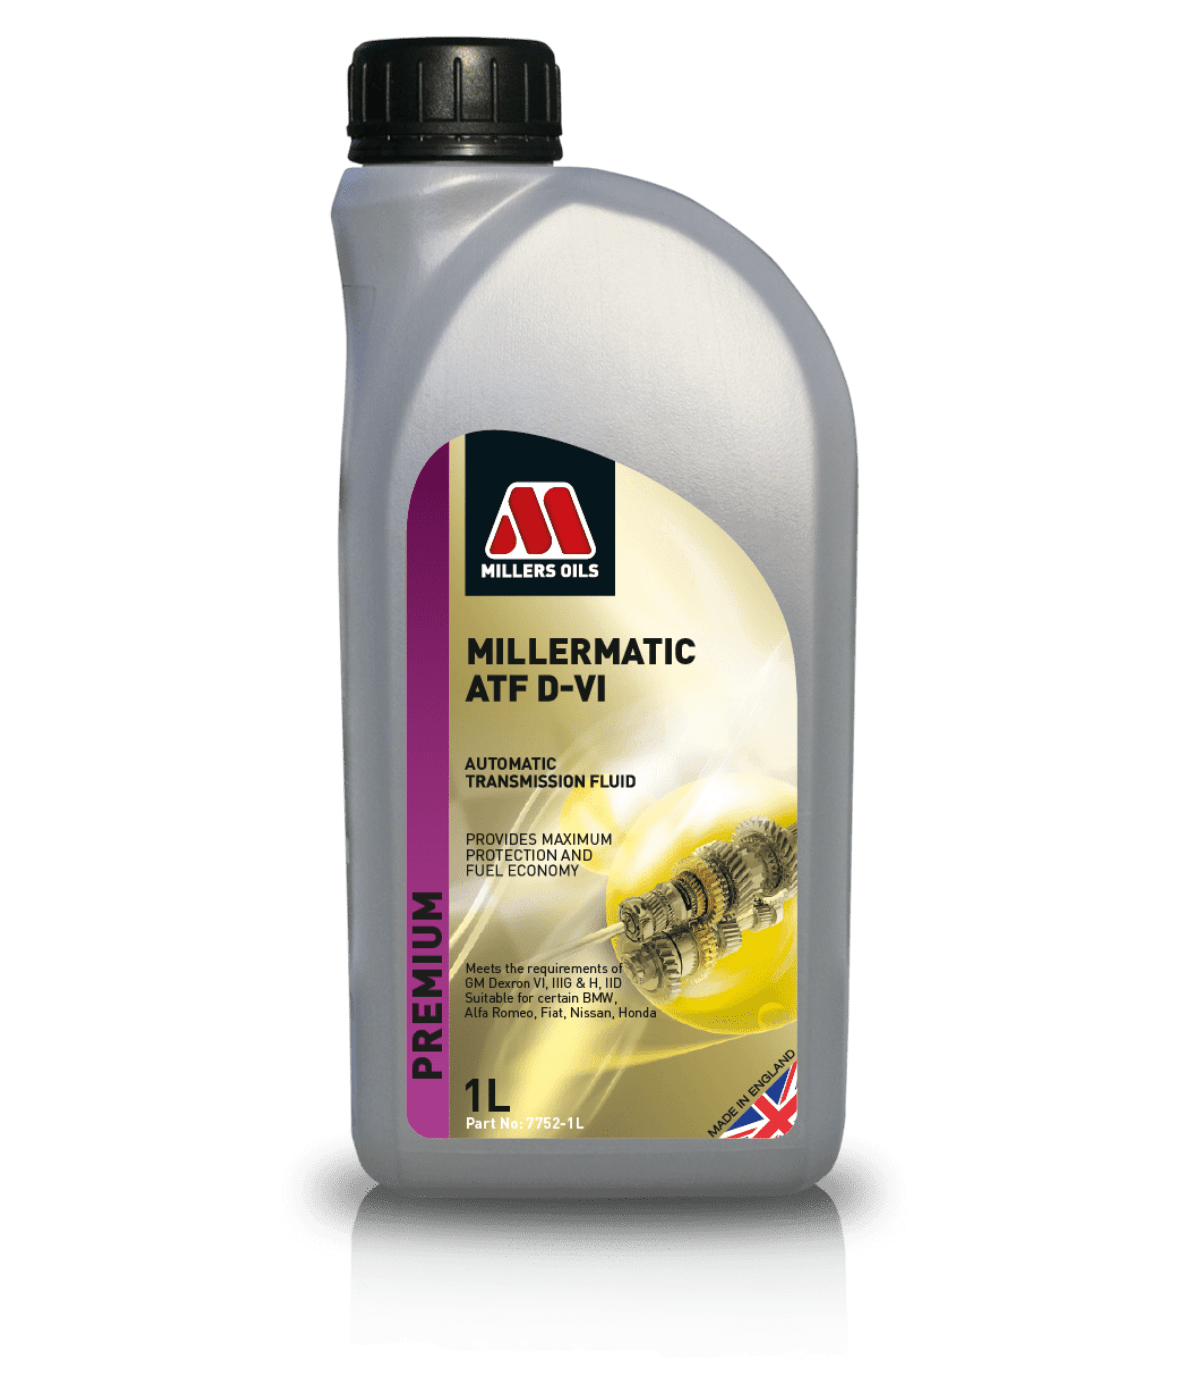 P14226 - Millermatic ATF D-VI 7752-1L-01